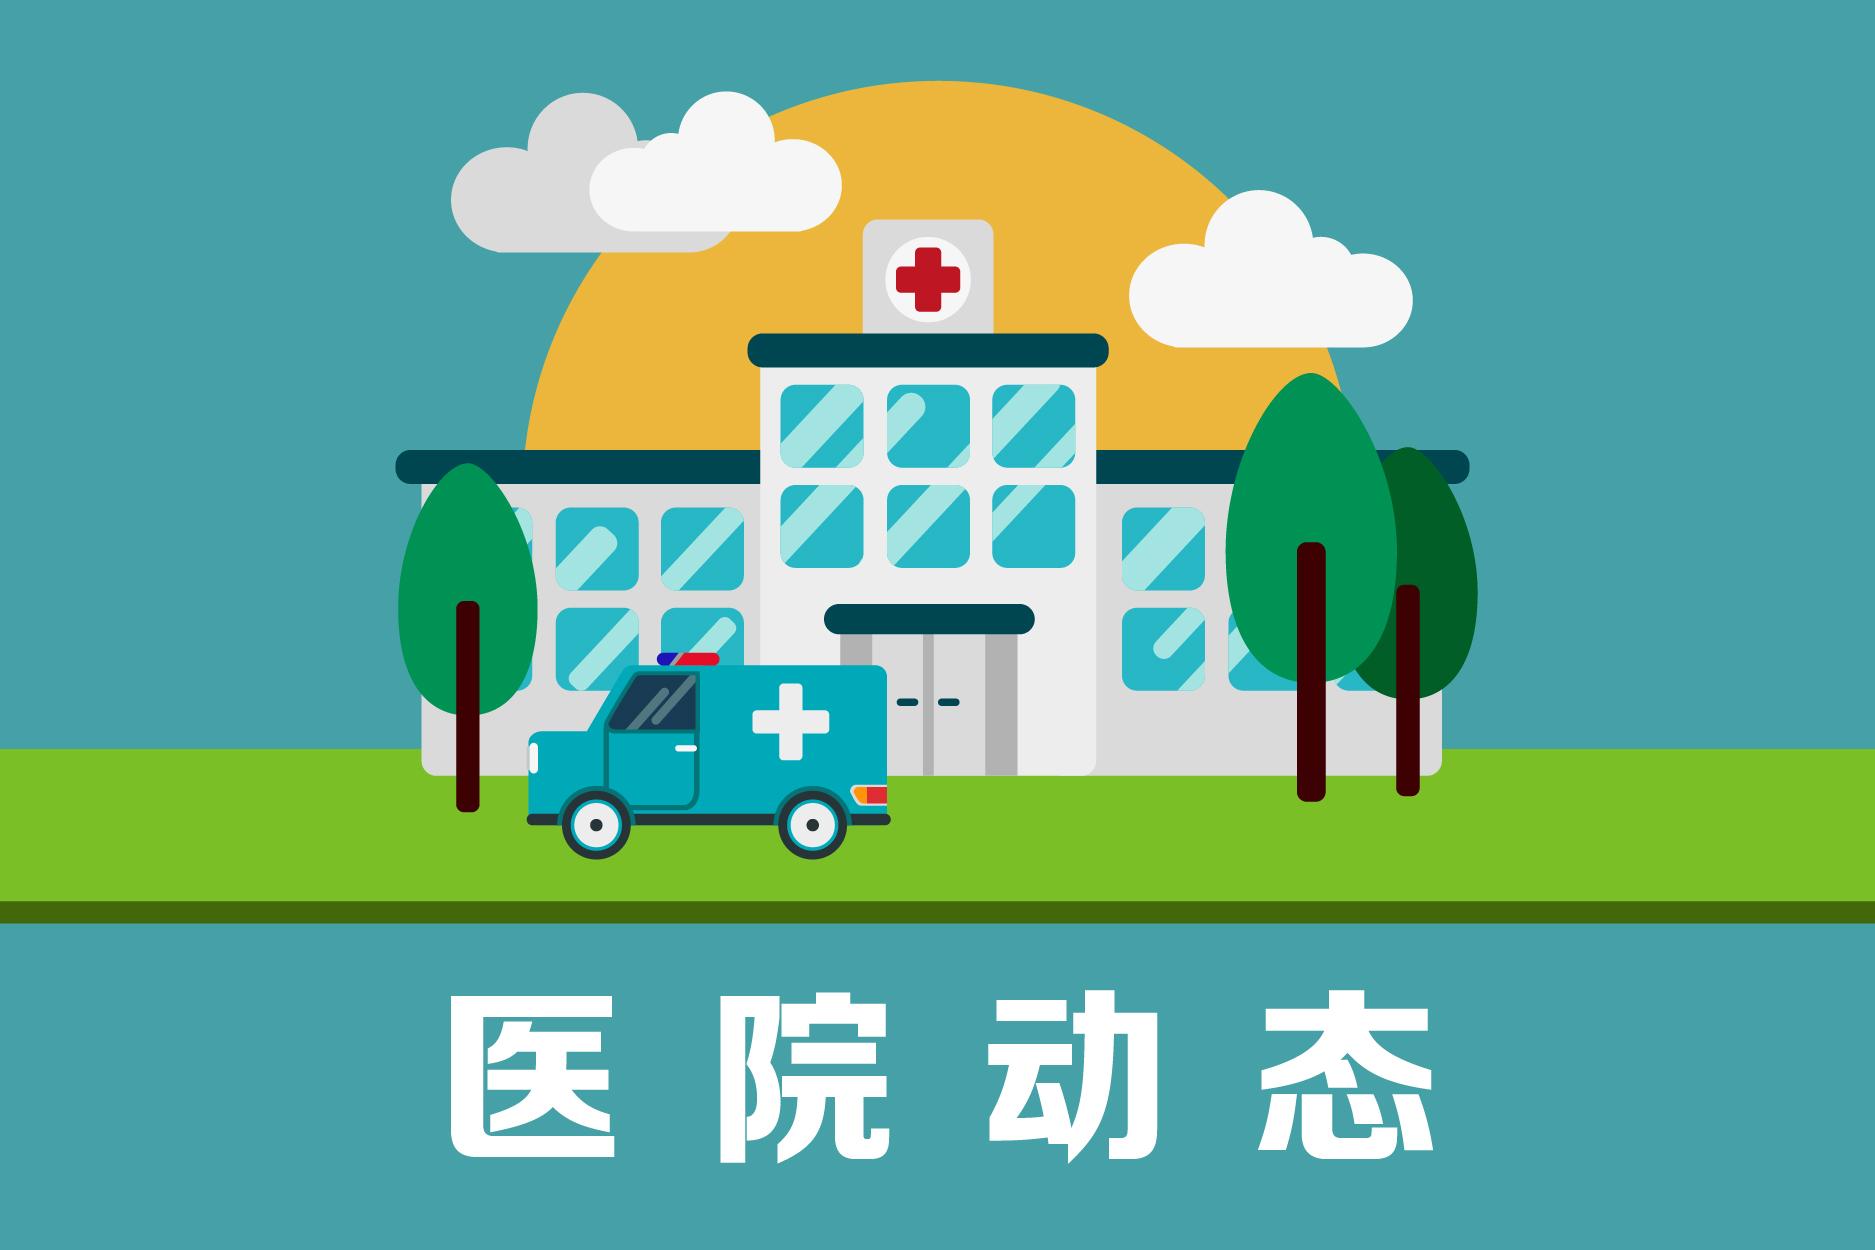 胎儿水肿、痛经……最新开诊的妇产专病门诊